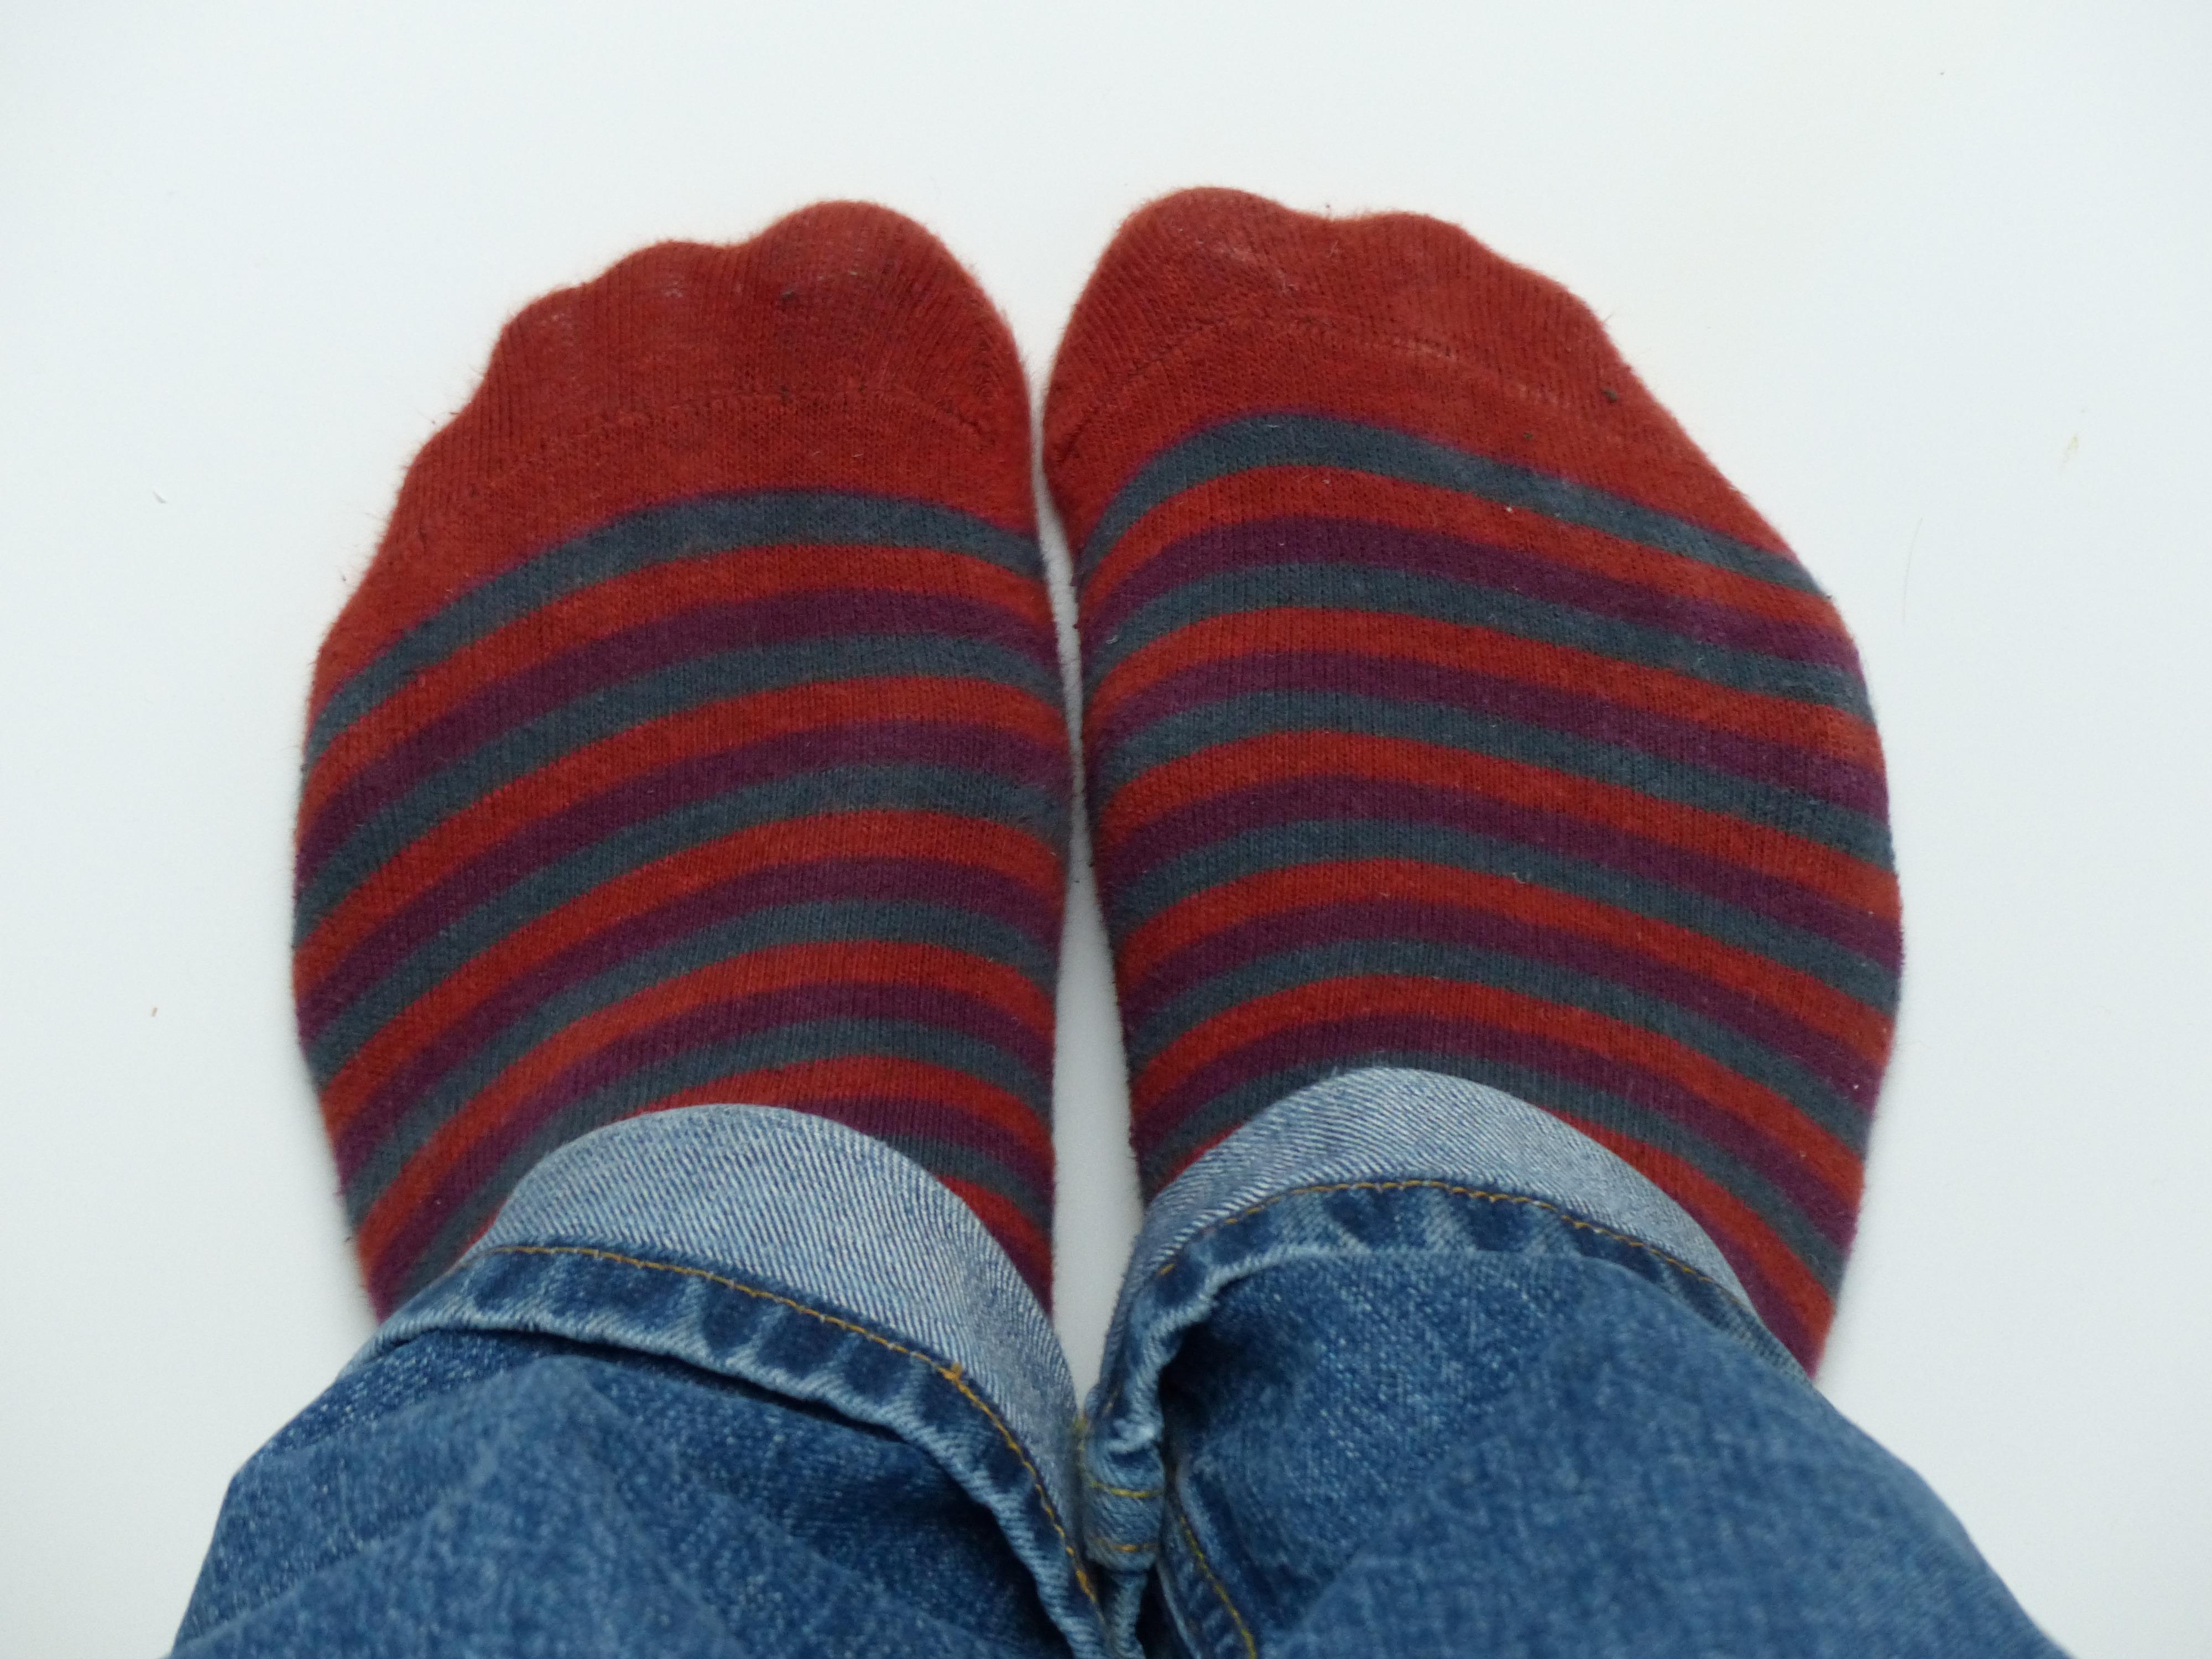 Fotos gratis : zapato, Pies, patrón, pantalones, rojo, ropa de calle ...